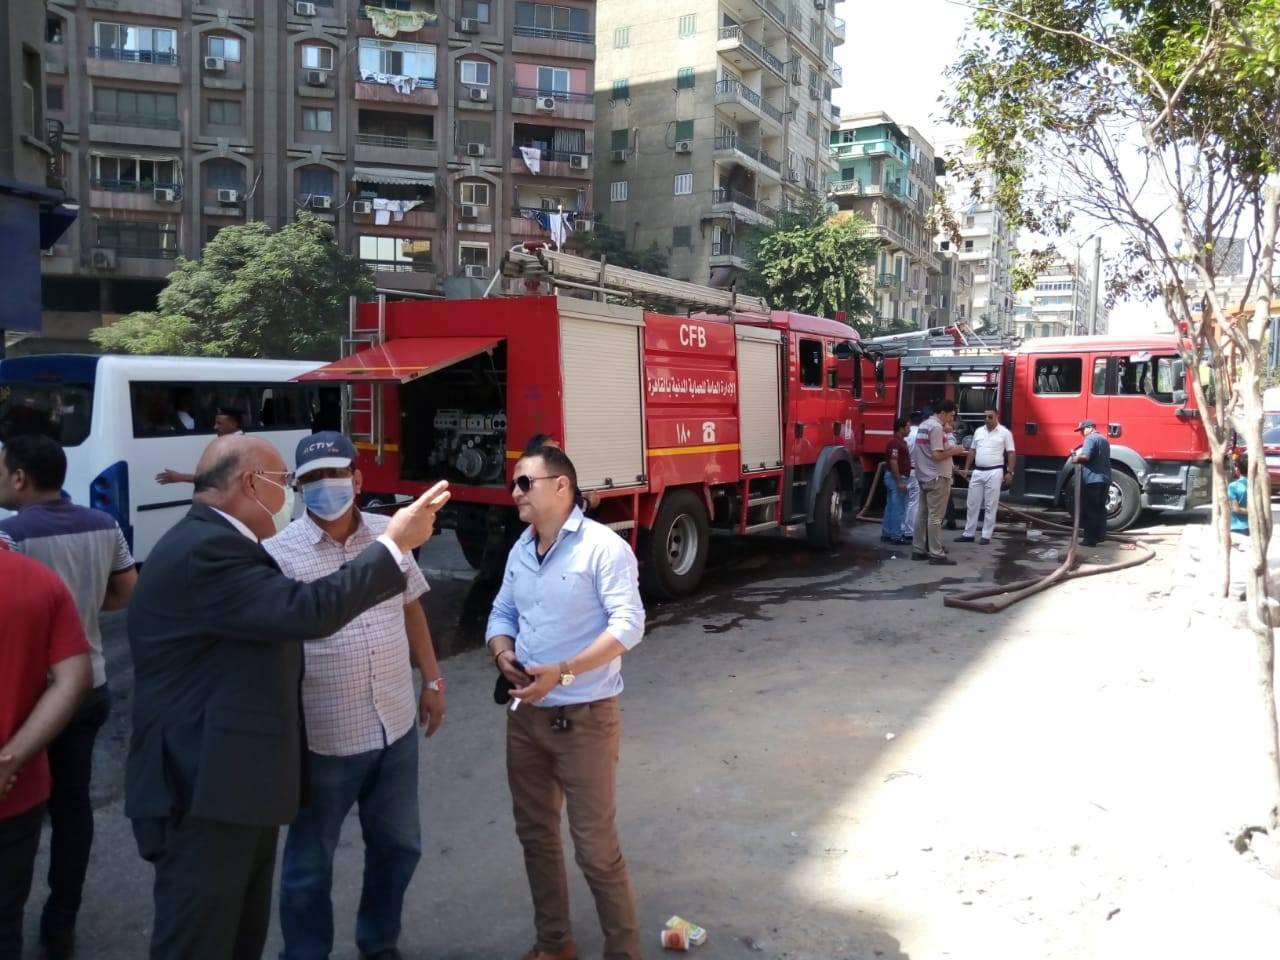 متابعة نائب محافظ القاهرة لاخماد حريق بالوايلى (2)